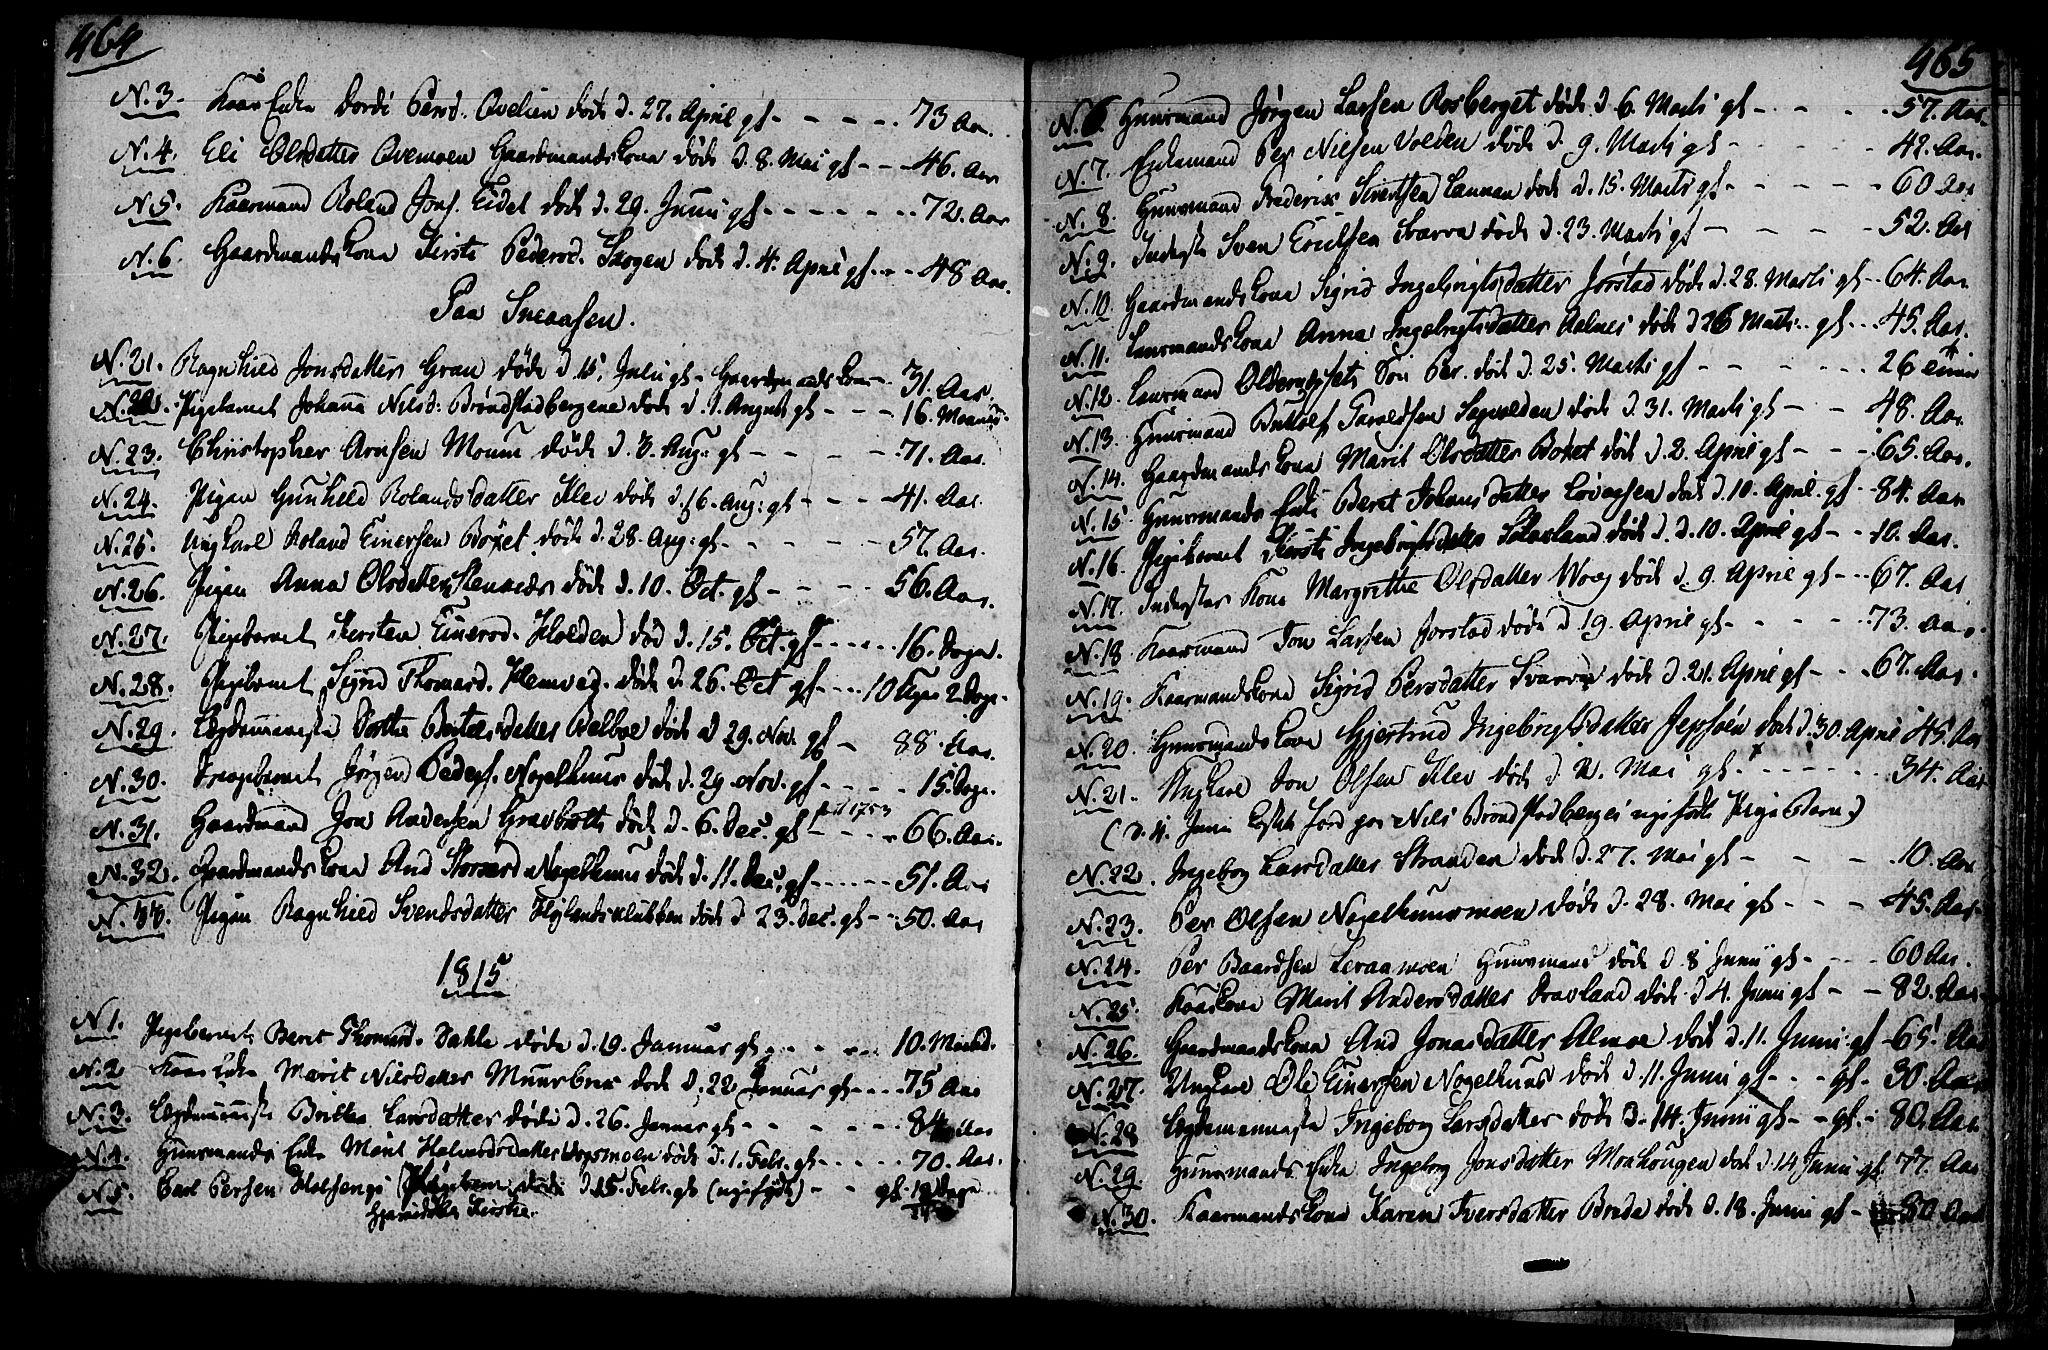 SAT, Ministerialprotokoller, klokkerbøker og fødselsregistre - Nord-Trøndelag, 749/L0468: Ministerialbok nr. 749A02, 1787-1817, s. 464-465